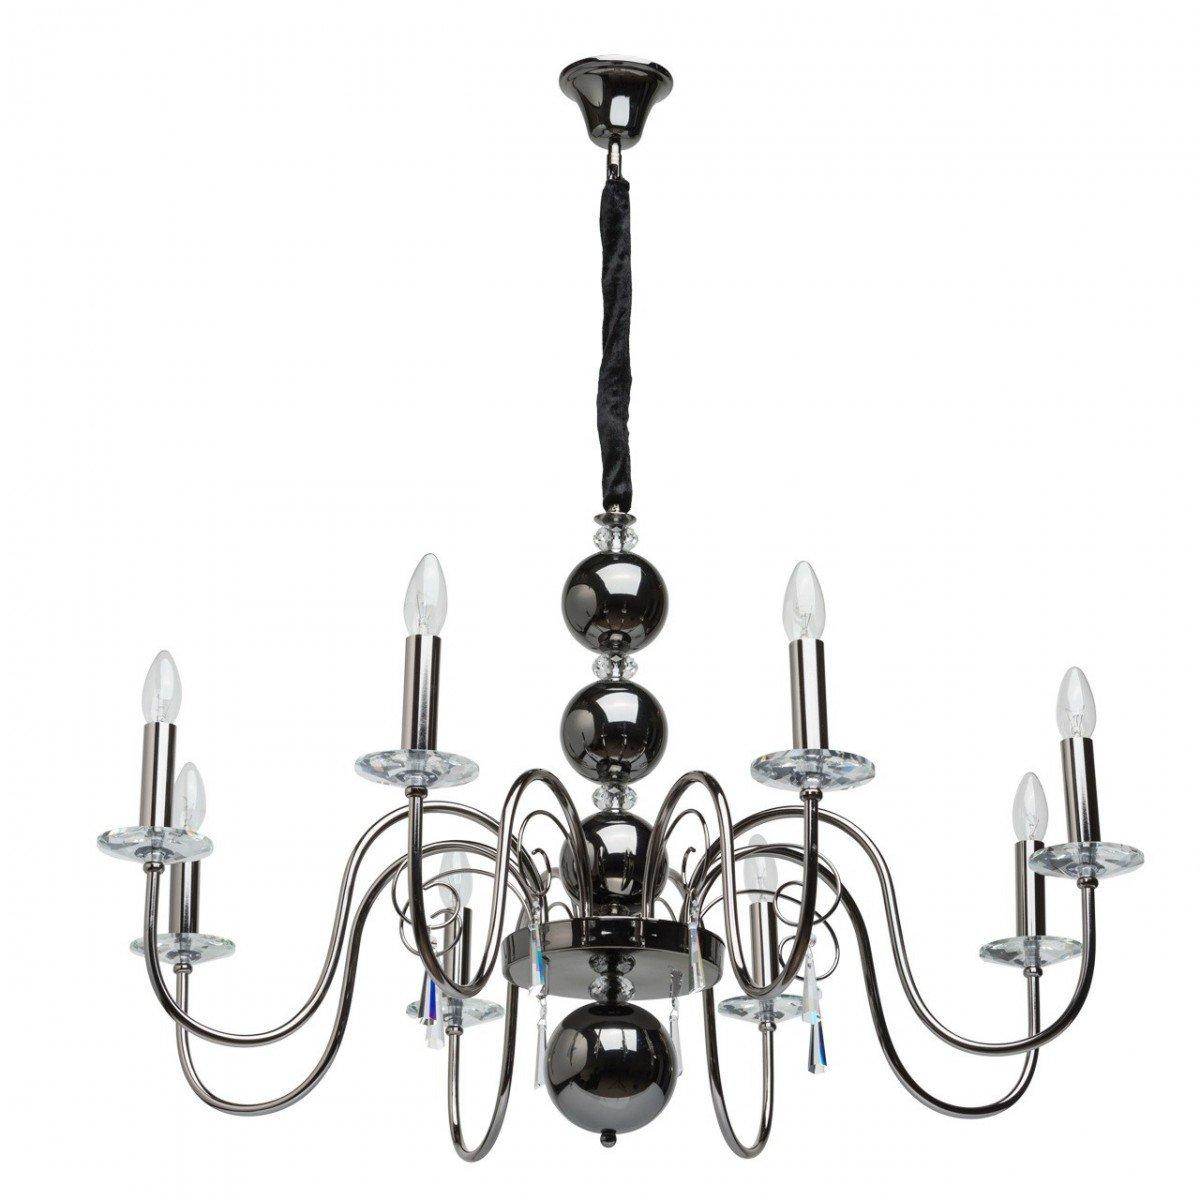 Deckenleuchte Deckenlampe Kronleuchter Leuchte Elegance Style, 8-flammig, Ø 100 cm, Nickel mit Kristallen, 8 x E14 max. 40 W